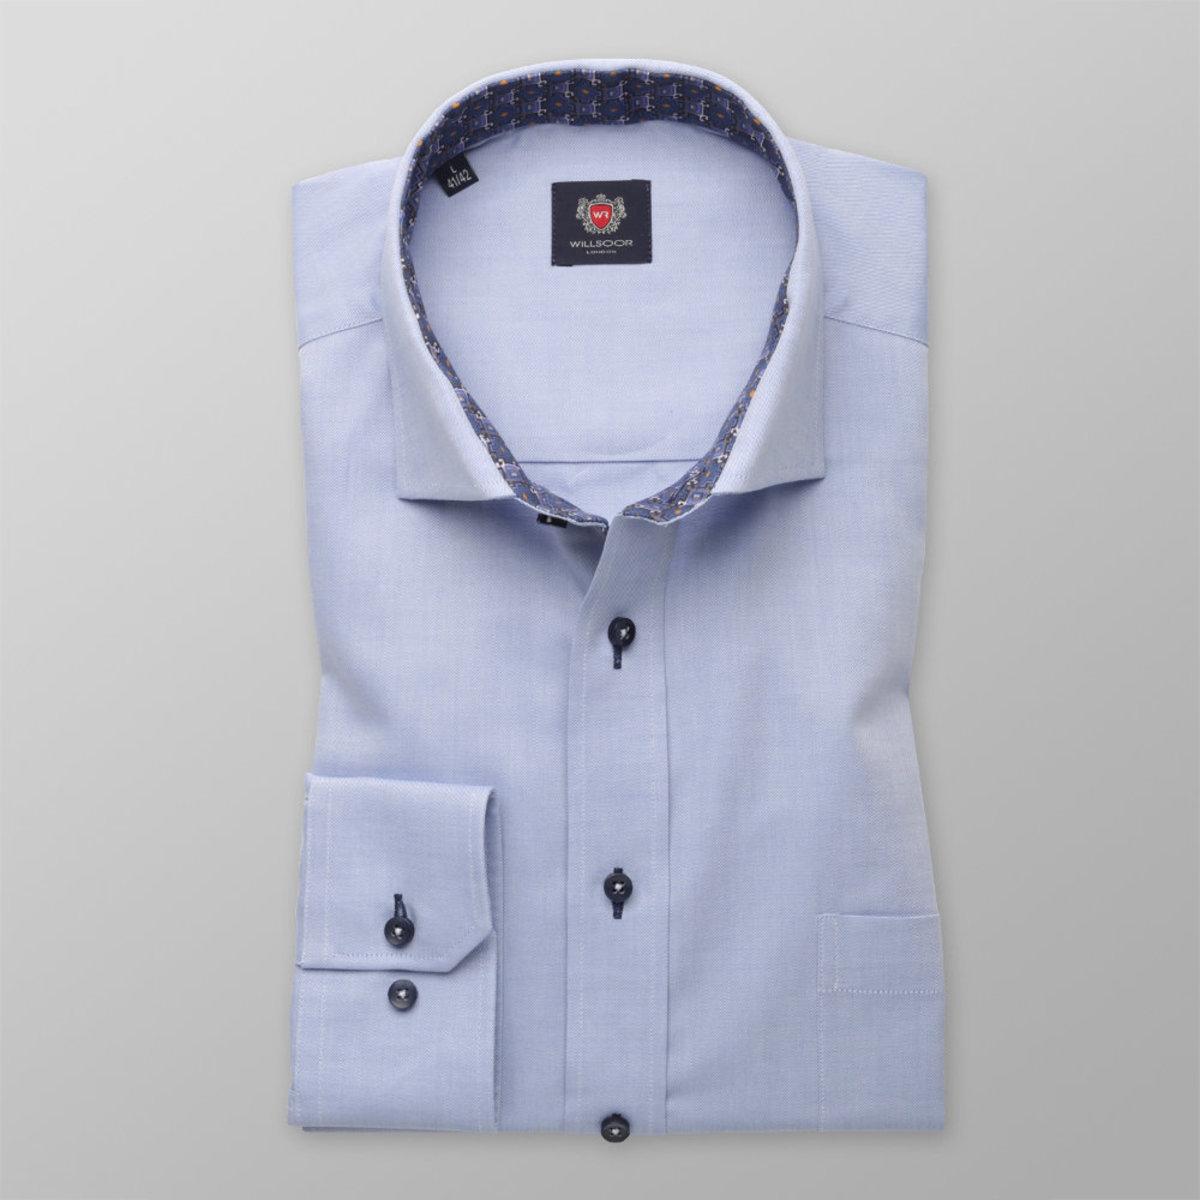 Pánská klasická košile London (výška 176-182) 8375 ve světle modré barvě 176-182 / XL (43/44)